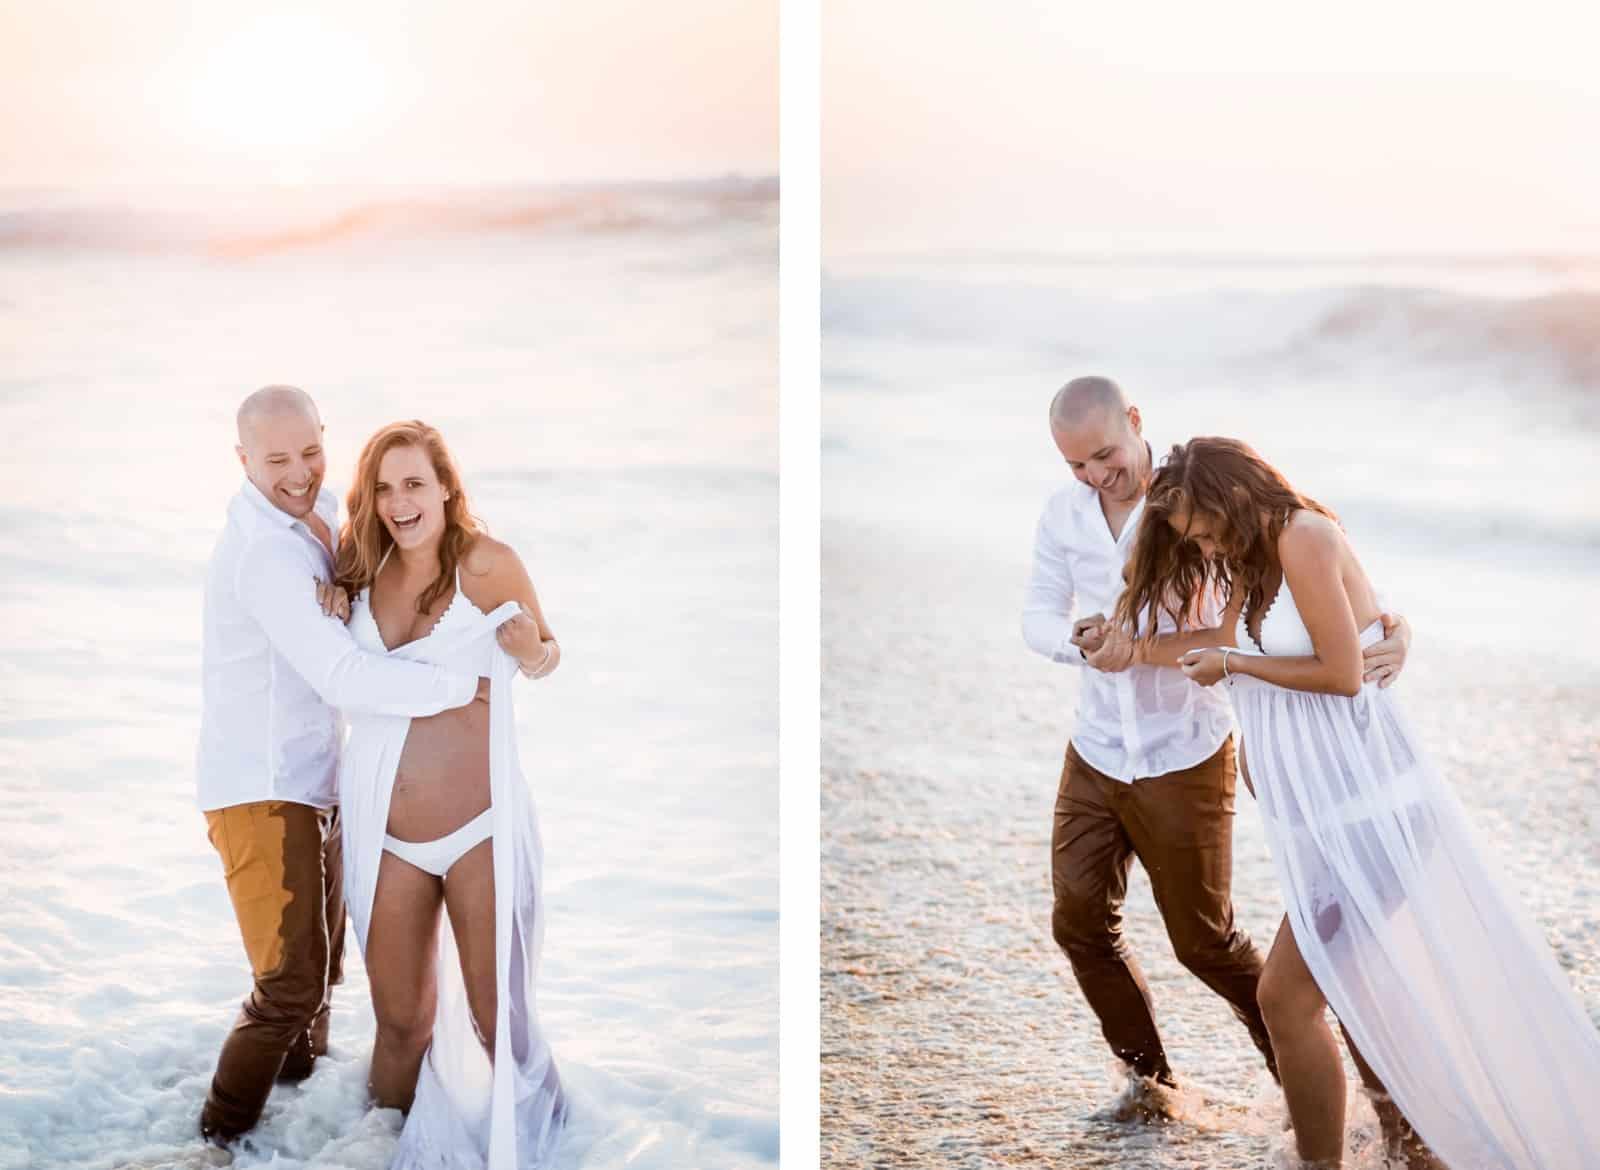 Photographie de Mathieu Dété, photographe de mariage et famille à Saint-Gilles de la Réunion 974, présentant des futurs parents amoureux allant se baigner dans l'Océan Atlantique dans les Landes